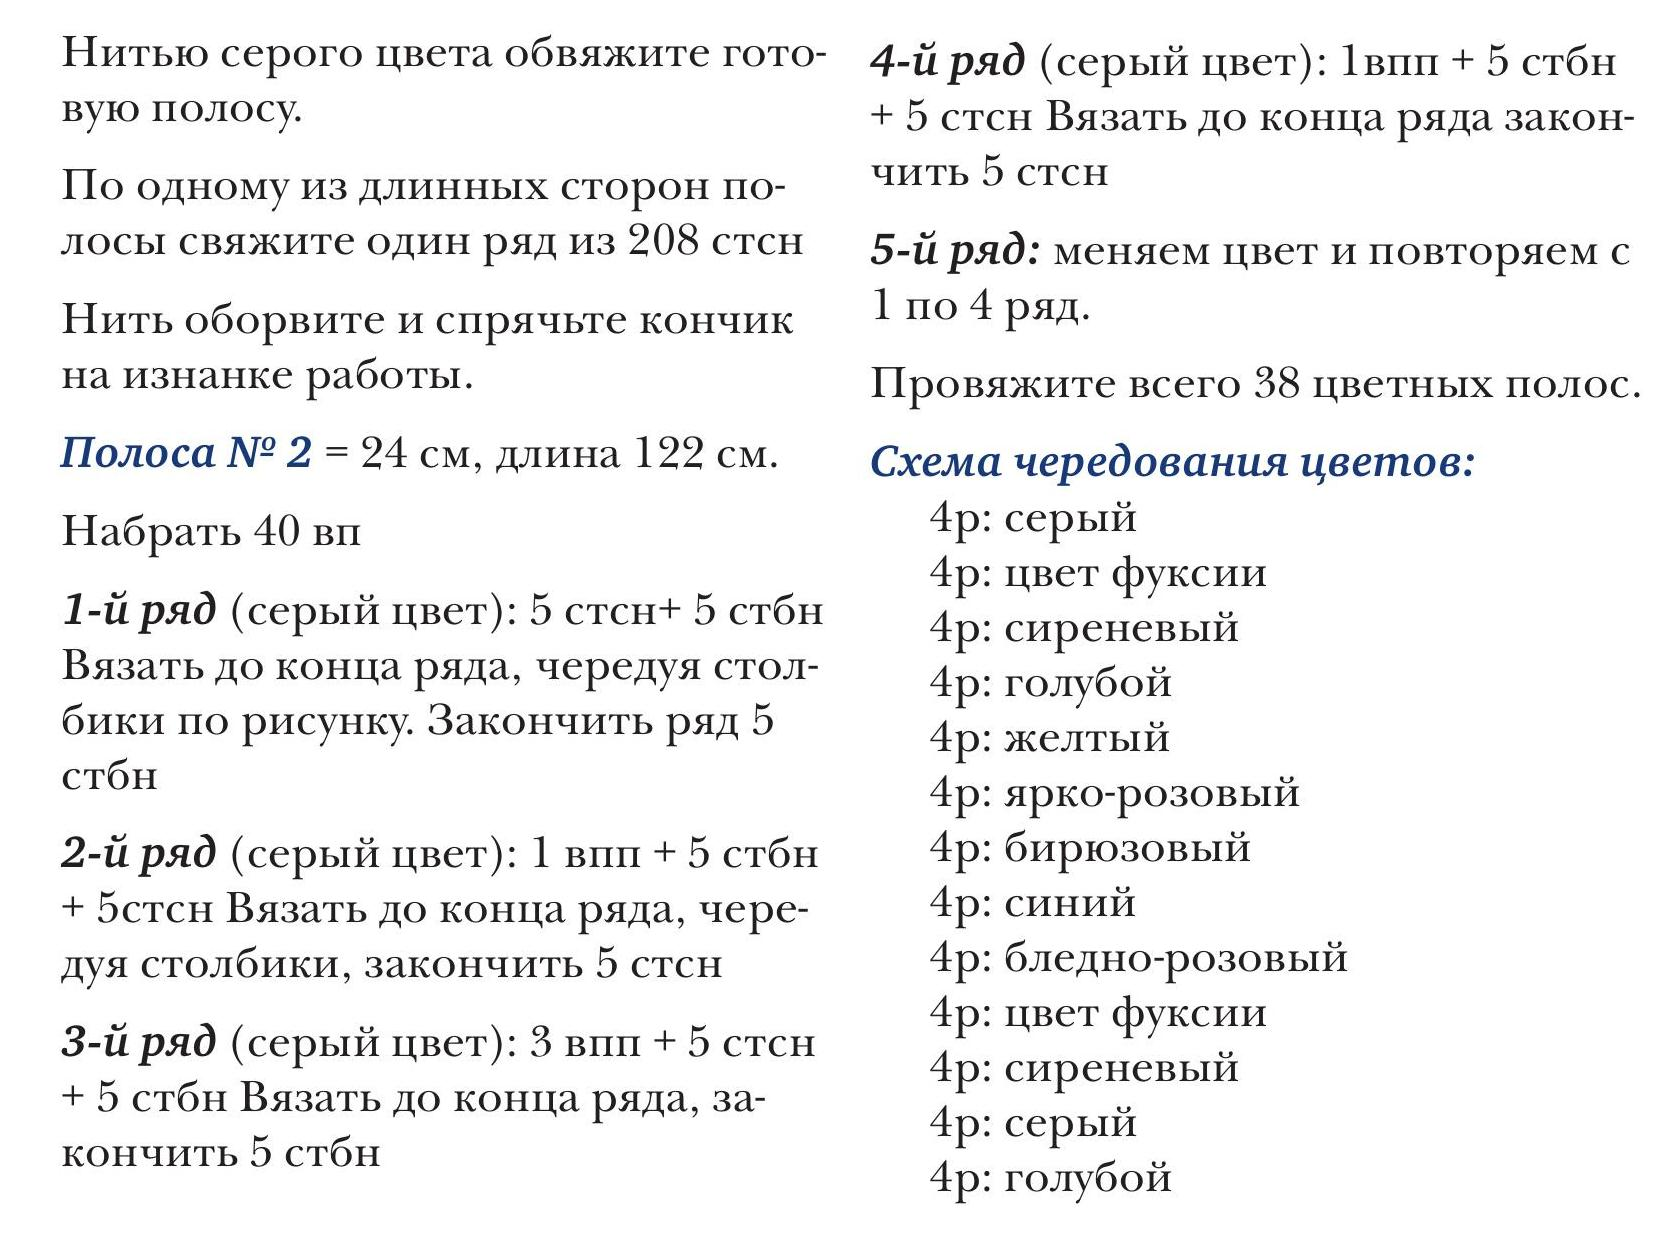 Stilnkri_40_3